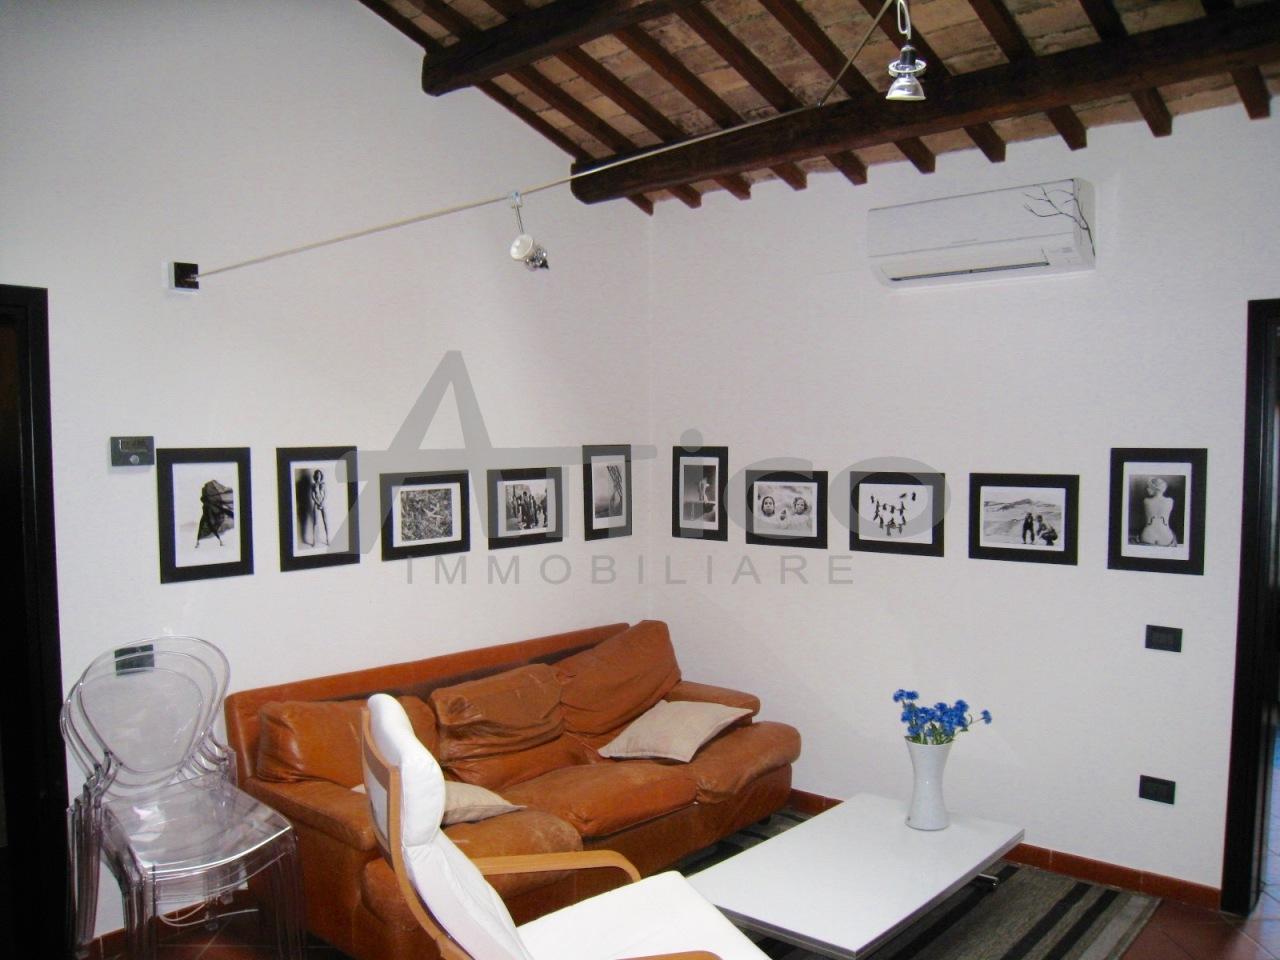 Attico / Mansarda in vendita a Rovigo, 4 locali, prezzo € 105.000 | PortaleAgenzieImmobiliari.it